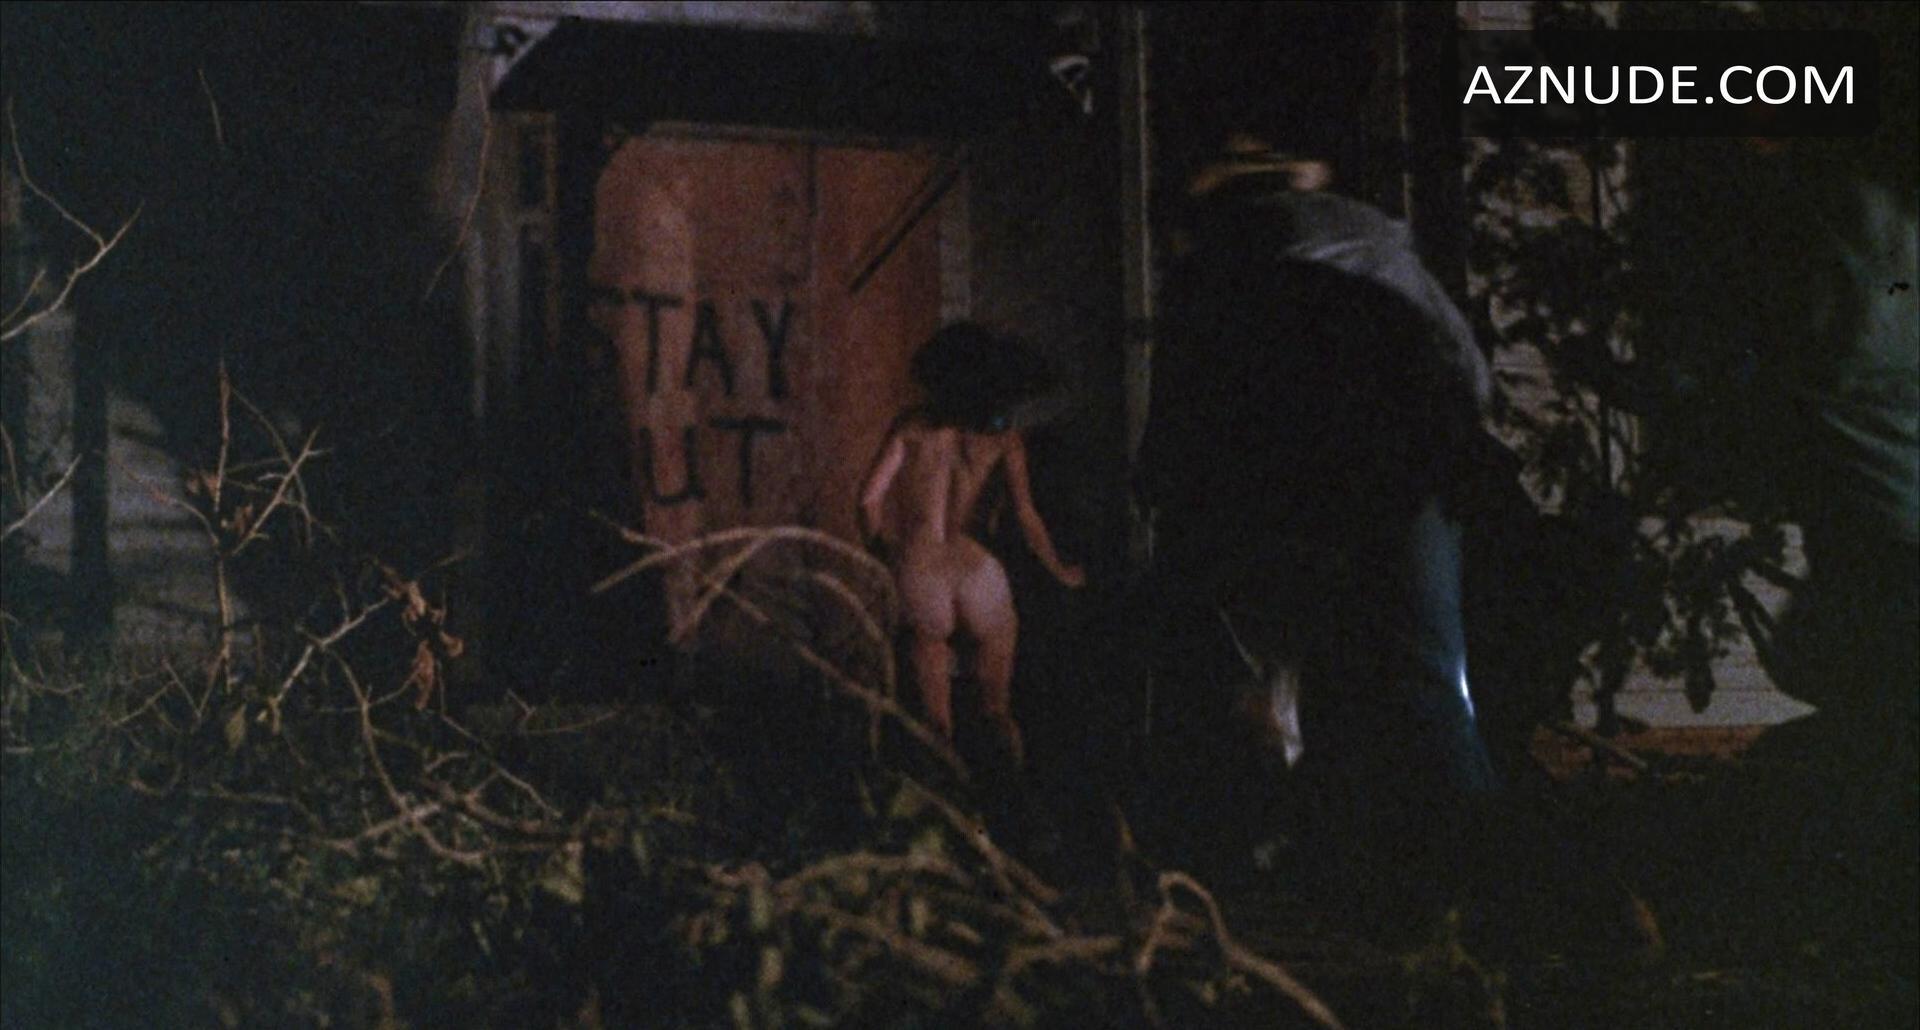 Midnight Cowboy Nude Scenes - Aznude-1706